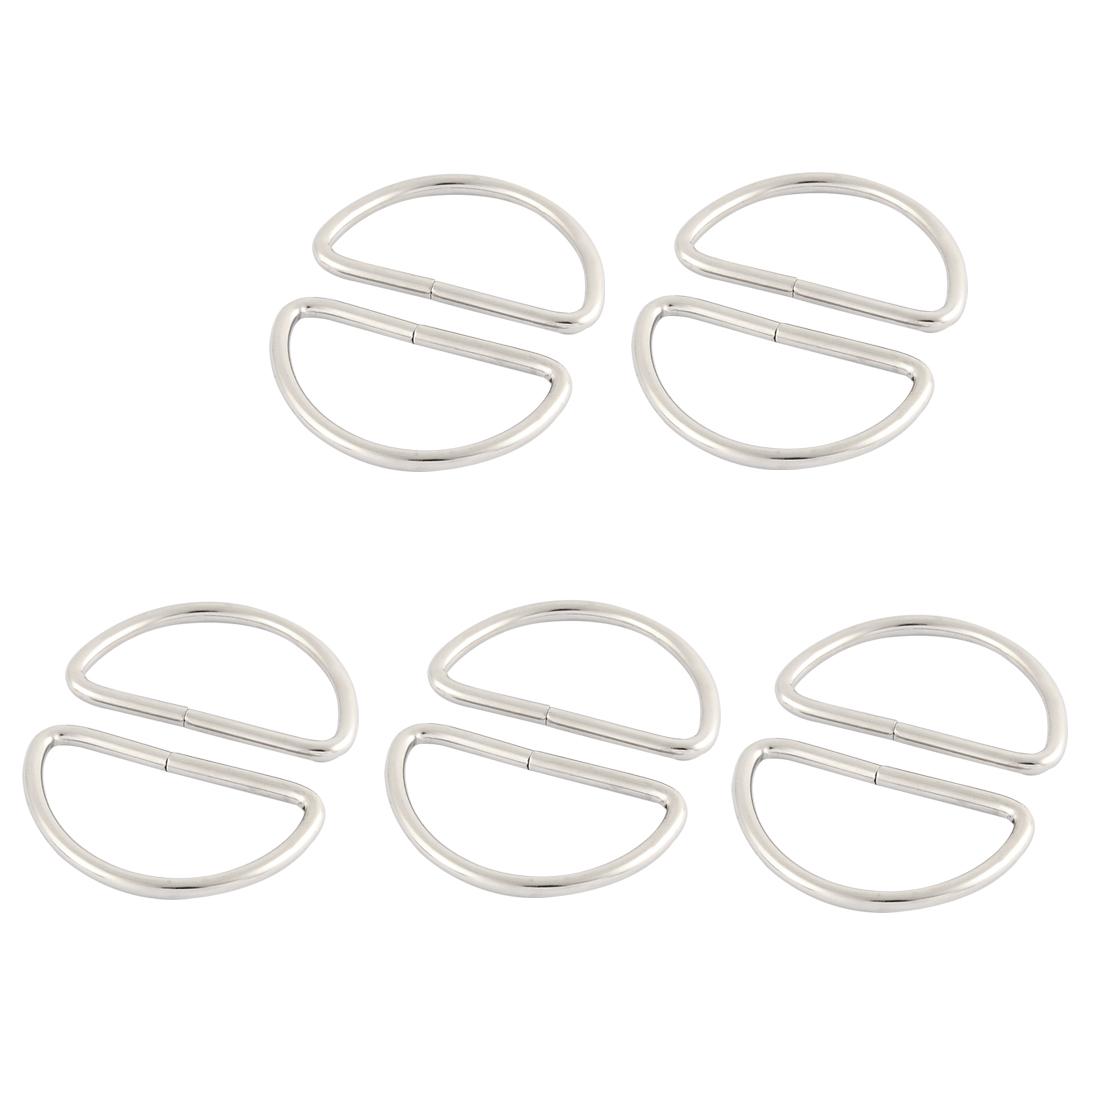 Metal Handbag Strap Belt Buckles Ring D Shaped Hooks Sliver Tone 10pcs For 3.8cm Straps